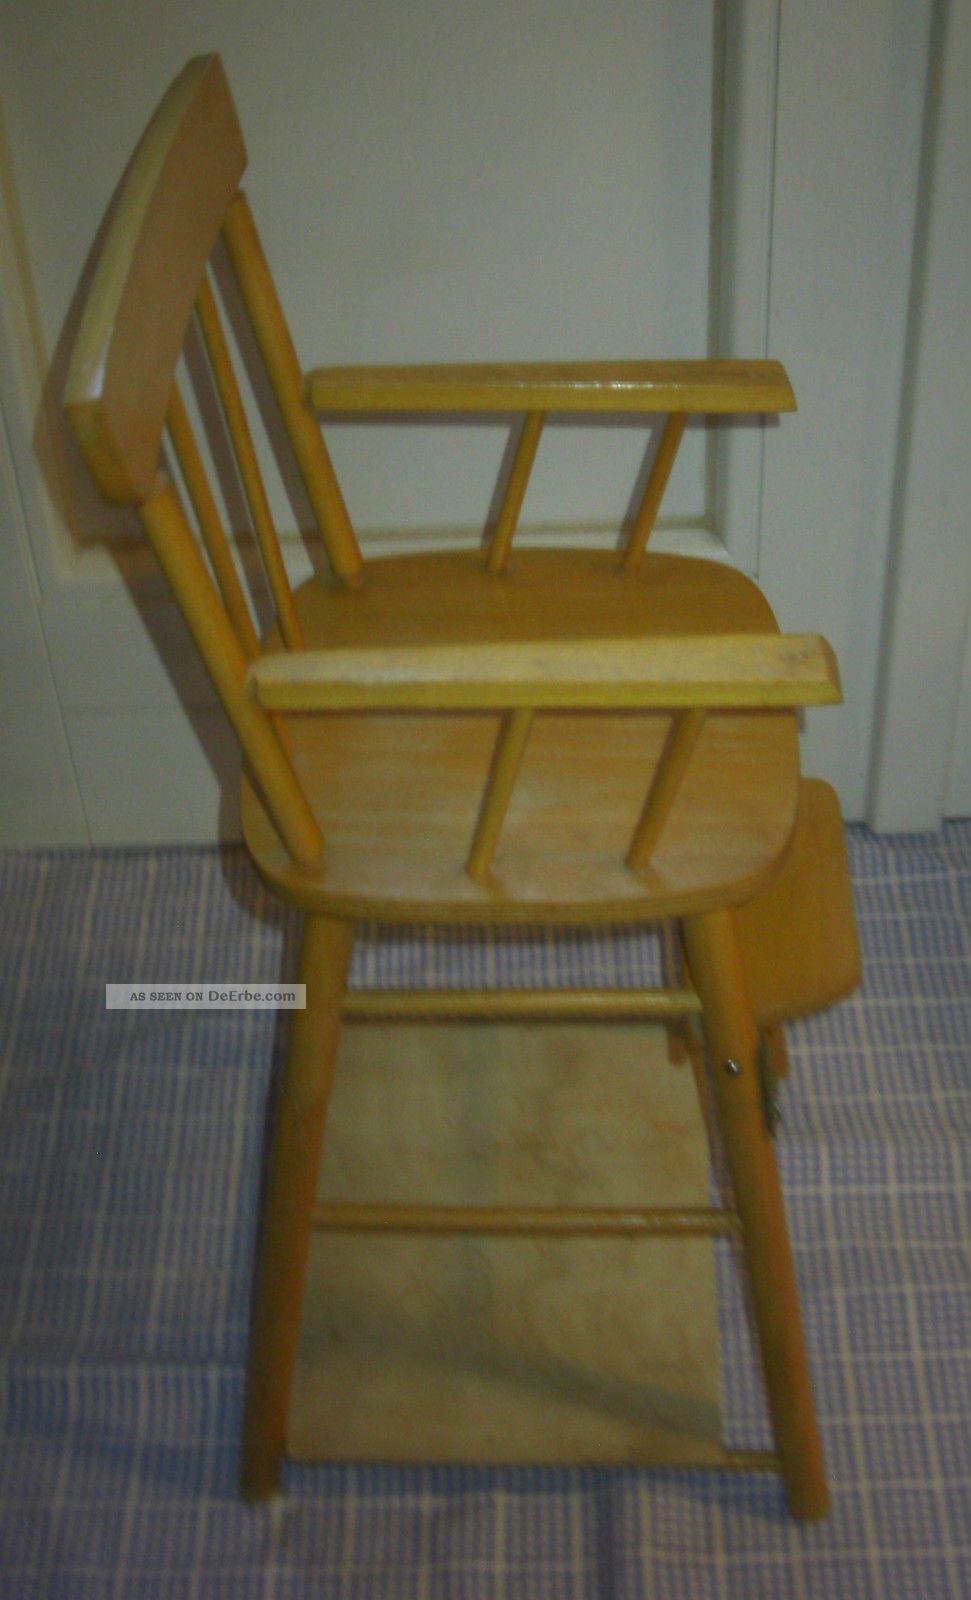 stuhl klappbar holz free dandibo strandstuhl aus holz gartenstuhl klappbar adirondack chair. Black Bedroom Furniture Sets. Home Design Ideas